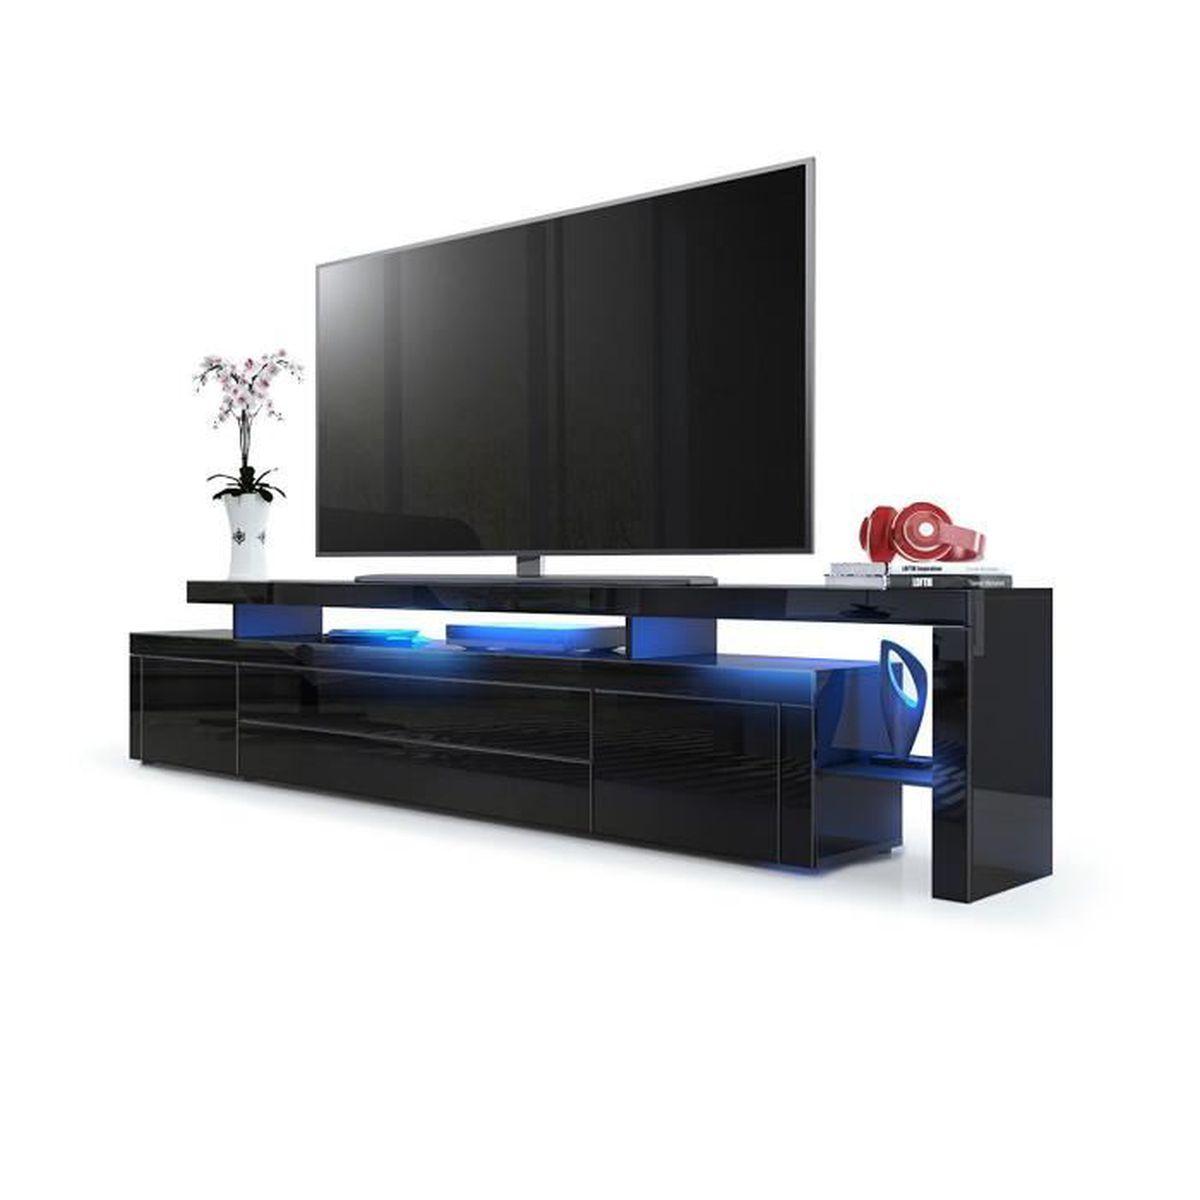 ... LED 227 cm - Achat / Vente meuble tv Meuble TV bas en Noir haute